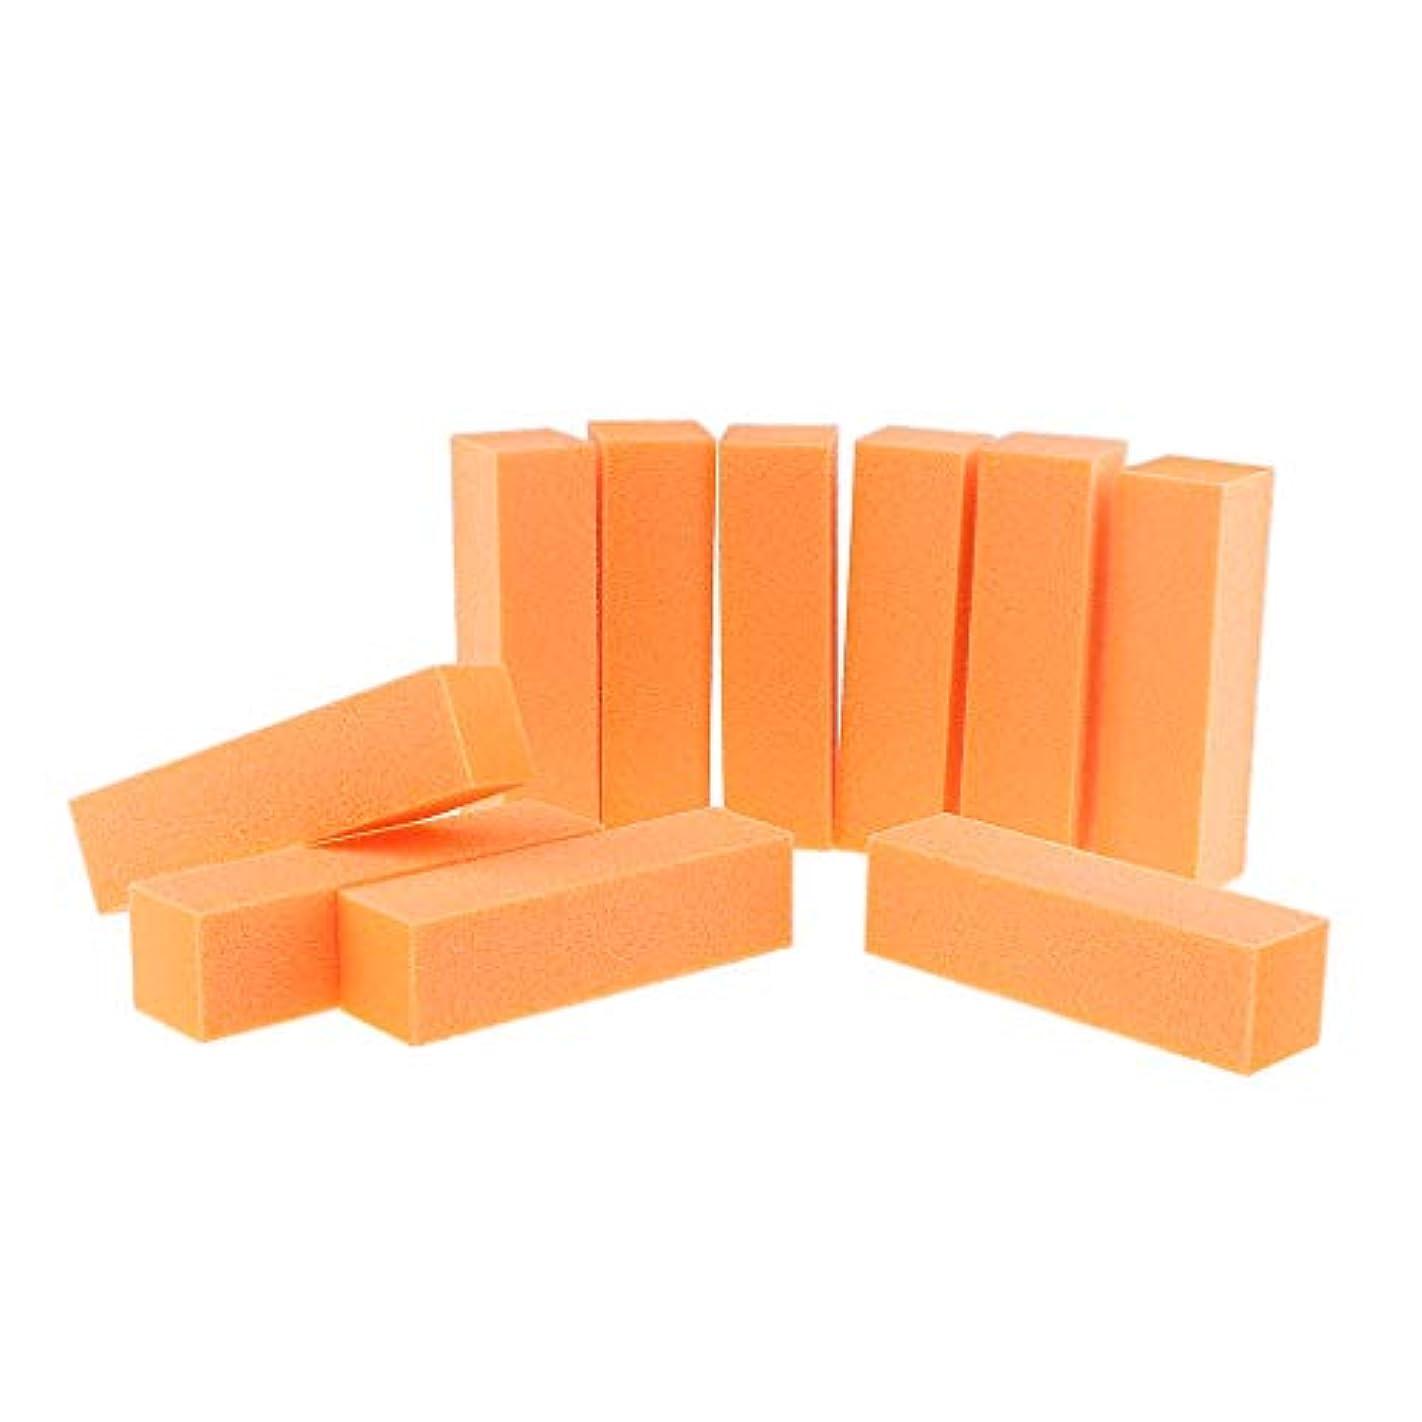 主権者アスペクト手伝う10PCSネイルアートケアバッファーバフ研磨サンディングブロックファイルグリットアクリルマニキュアツール-プロフェッショナルサロン使用または家庭用 - オレンジ